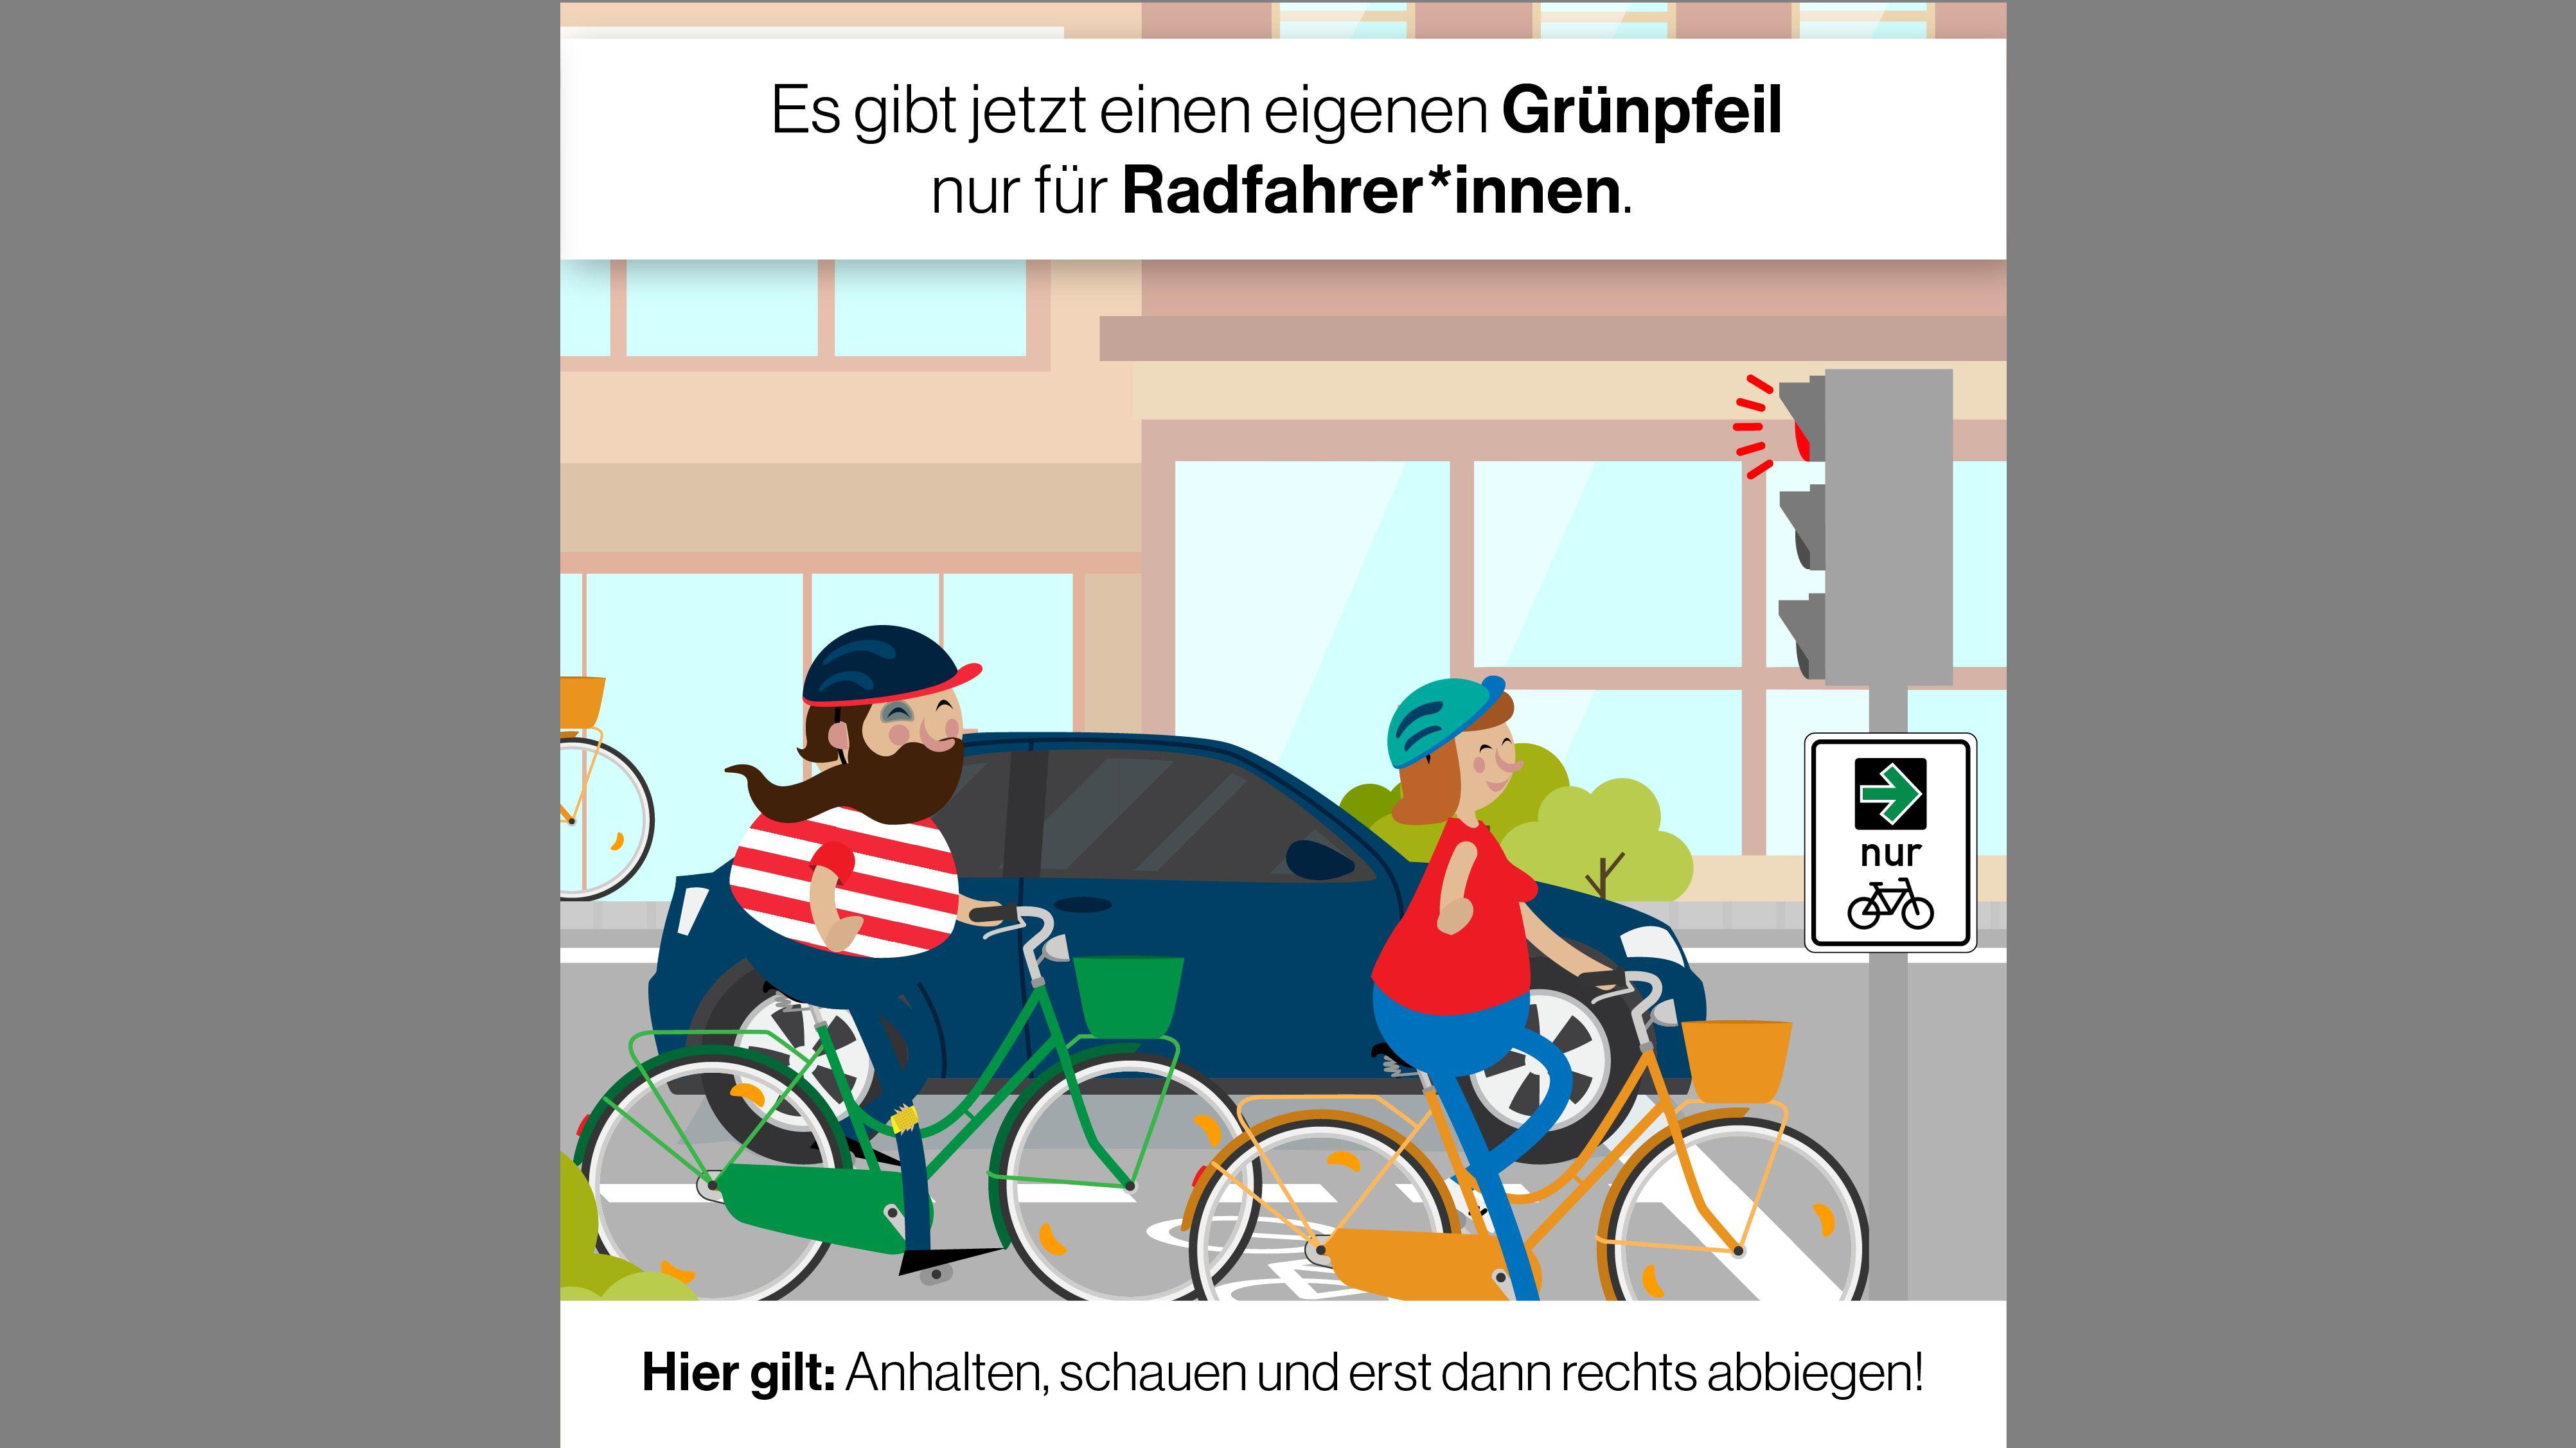 Grafik: Grünpfeil für Fahrradfahrer